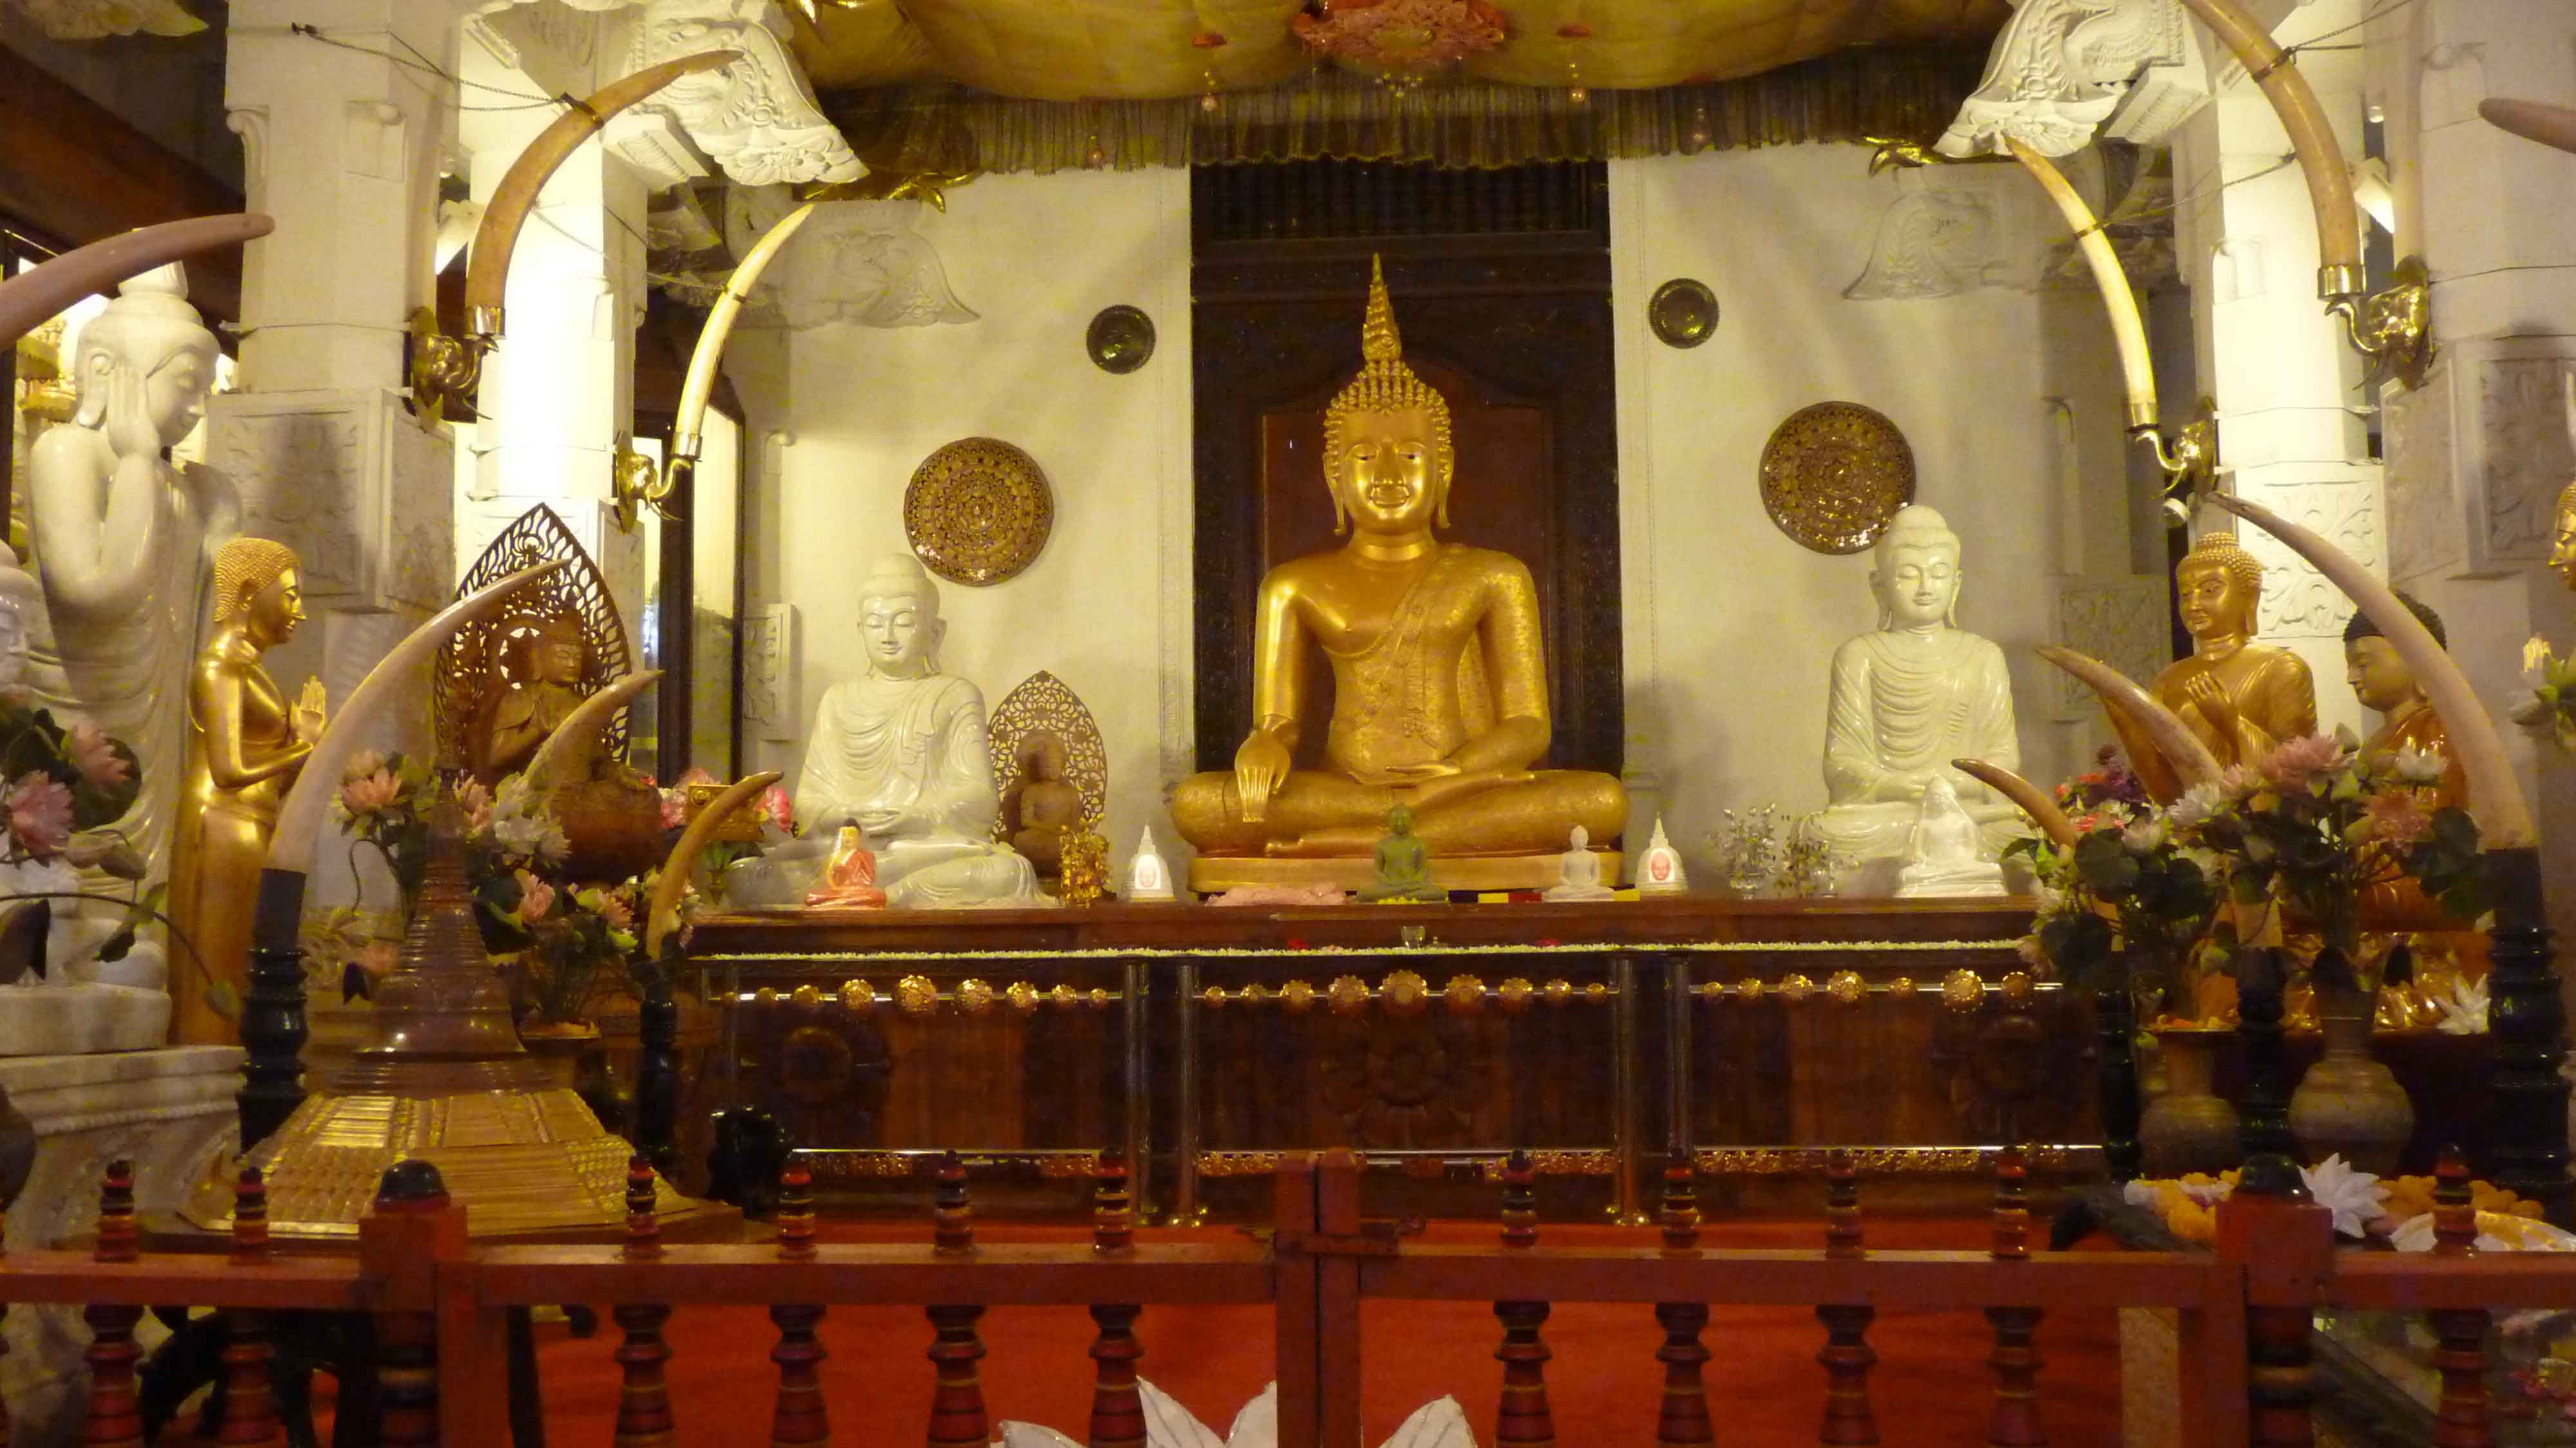 فضای داخلی معبد مقدس دندان بودا